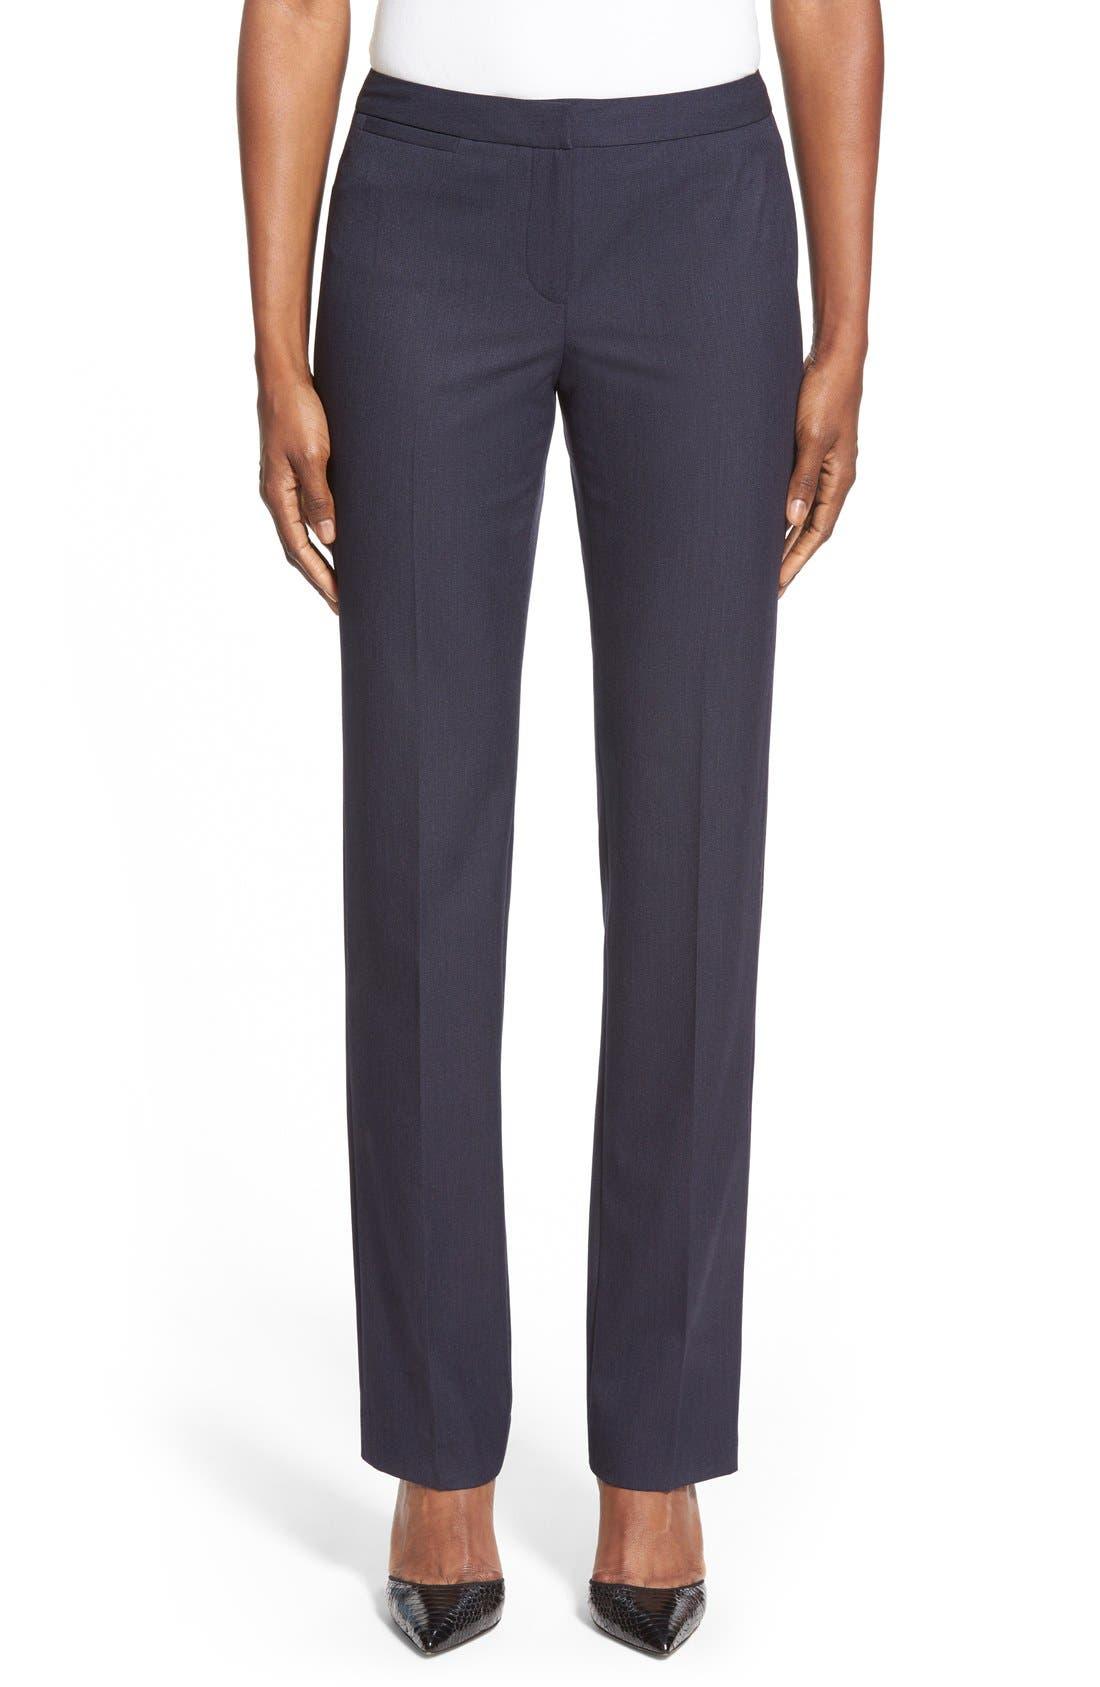 Alternate Image 1 Selected - Halogen® 'Taylor' Stretch SuitPants (Regular & Petite)